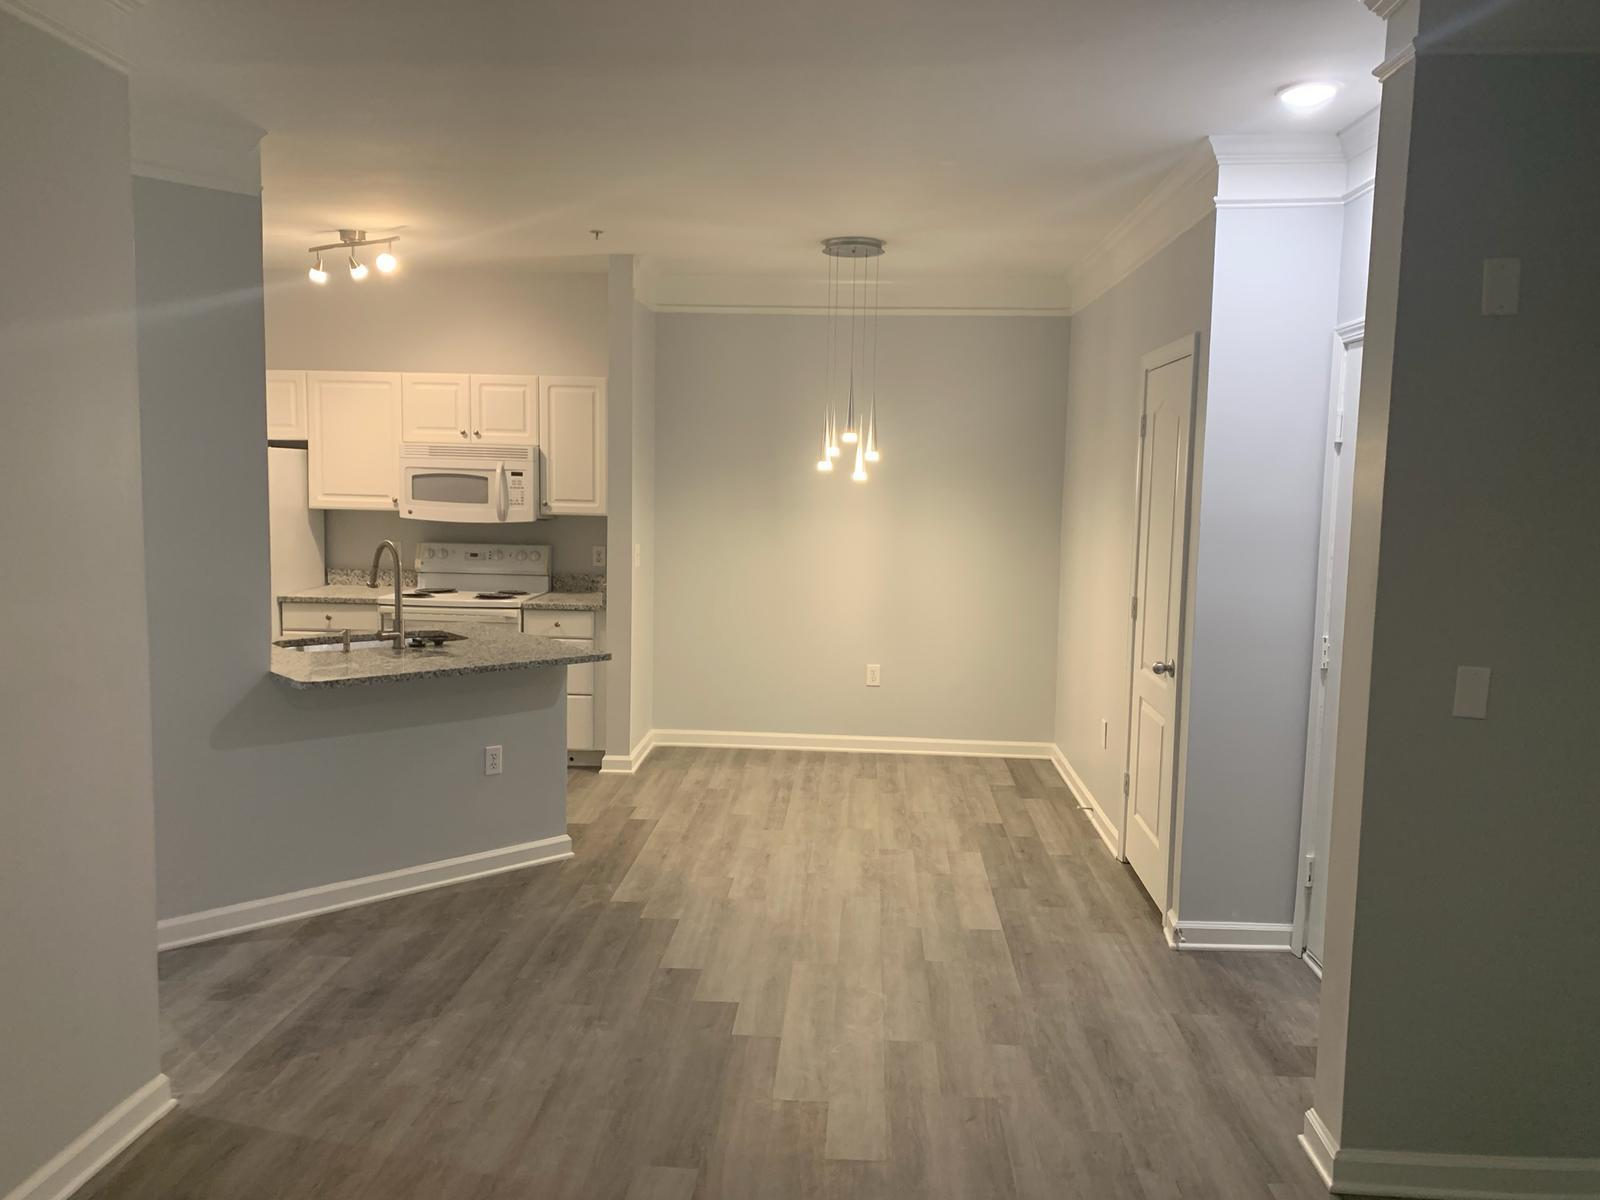 Park West Homes For Sale - 1300 Park West Blvd, Mount Pleasant, SC - 0